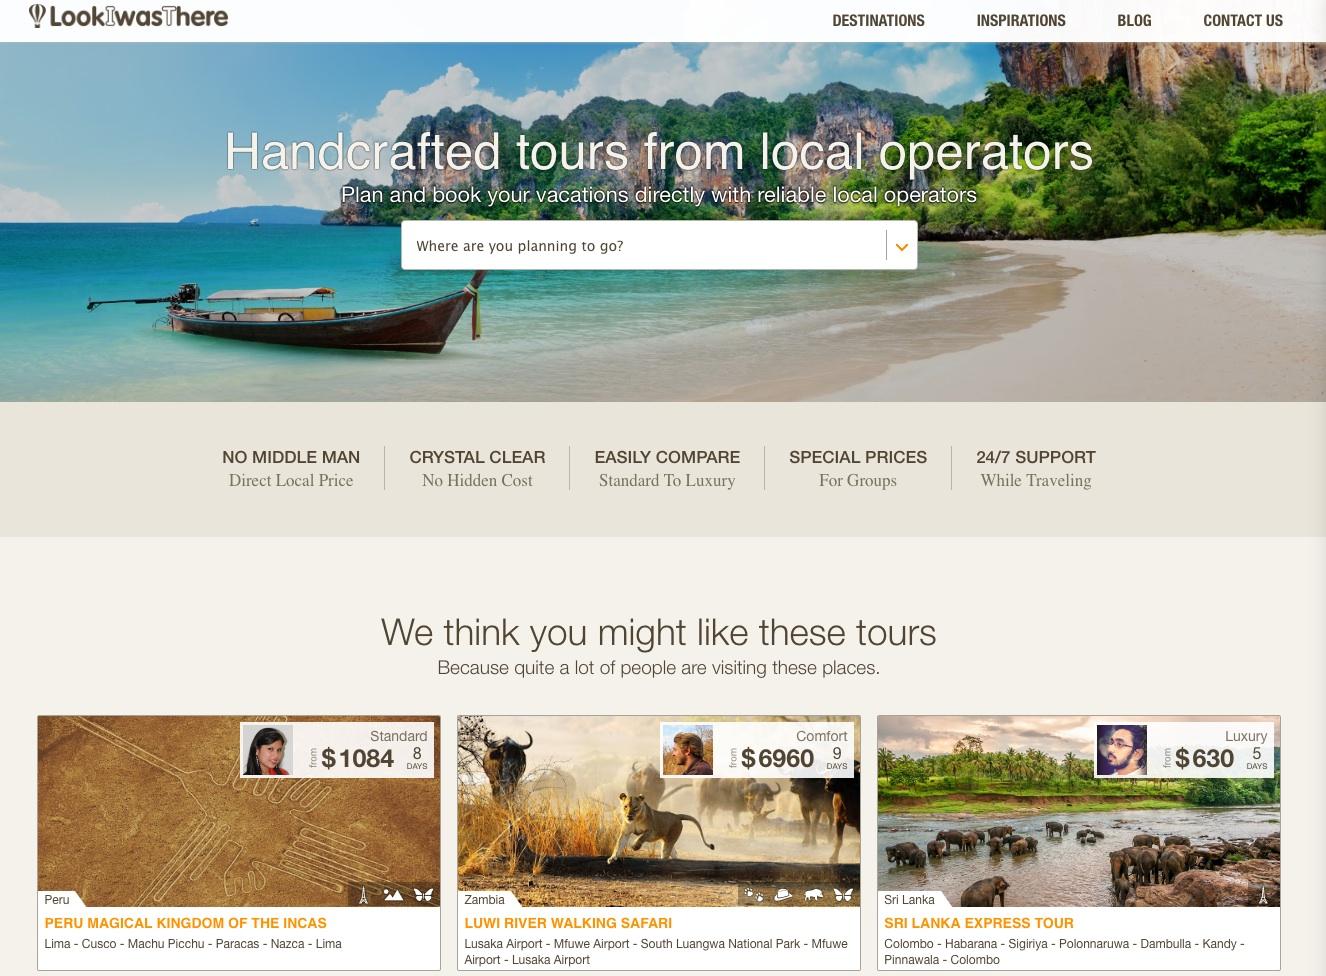 las mejores webs de viajes: look i was there